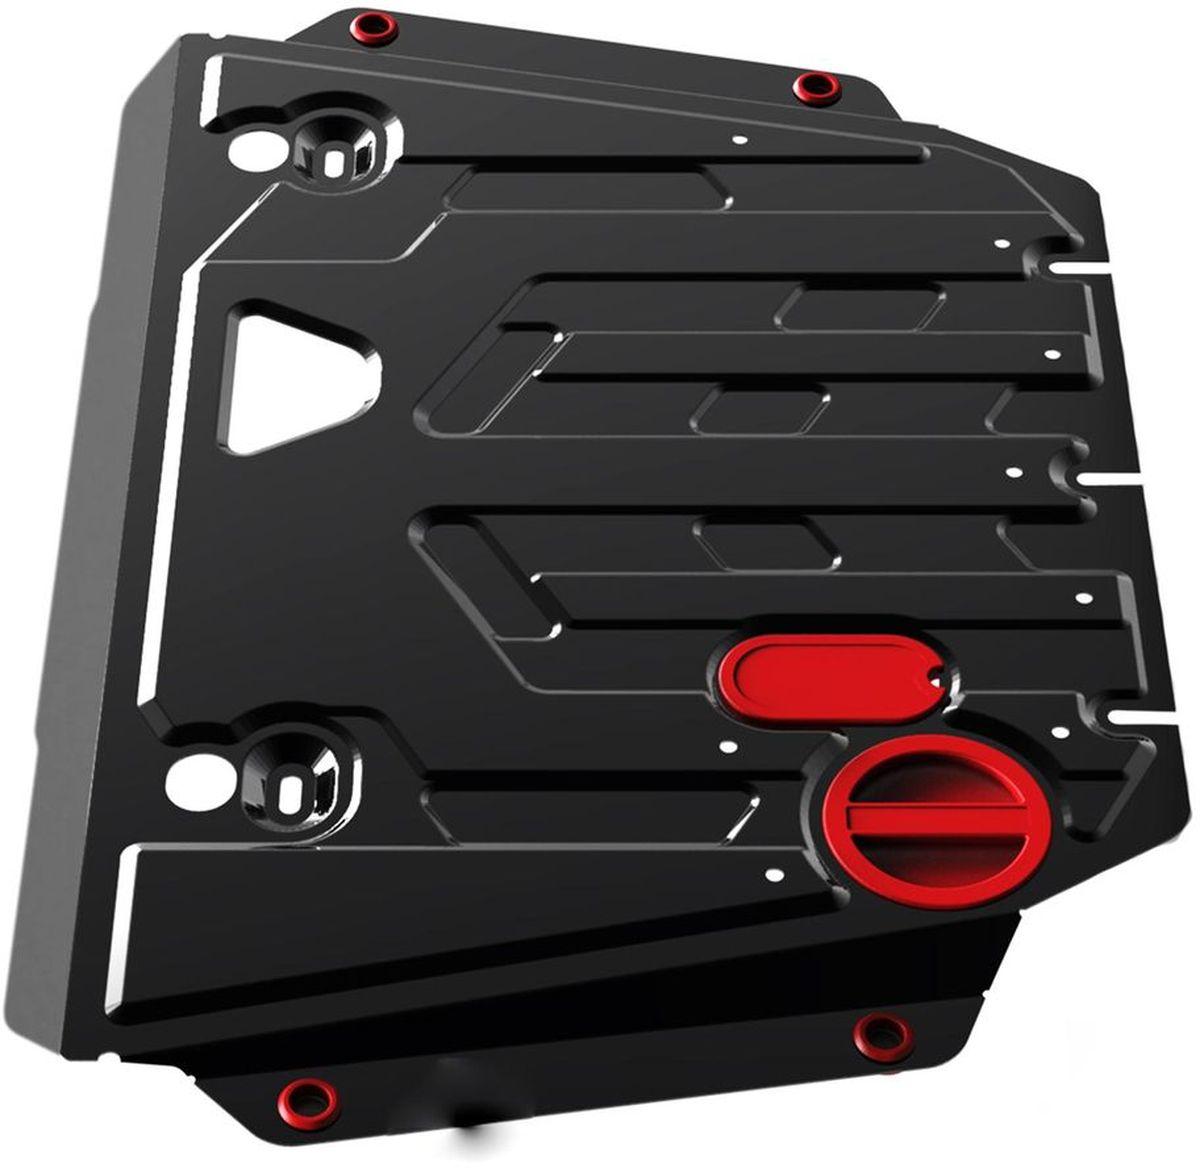 Защита картера Автоброня, для Toyota LC200 часть 1, V - 4,5TD;4,6;4,7/Lexus LX 570 часть 1, V - 5,71004900000360Технологически совершенный продукт за невысокую стоимость.Защита разработана с учетом особенностей днища автомобиля, что позволяет сохранить дорожный просвет с минимальным изменением.Защита устанавливается в штатные места кузова автомобиля. Глубокий штамп обеспечивает до двух раз больше жесткости в сравнении с обычной защитой той же толщины. Проштампованные ребра жесткости препятствуют деформации защиты при ударах.Тепловой зазор и вентиляционные отверстия обеспечивают сохранение температурного режима двигателя в норме. Скрытый крепеж предотвращает срыв крепежных элементов при наезде на препятствие.Шумопоглощающие резиновые элементы обеспечивают комфортную езду без вибраций и скрежета металла, а съемные лючки для слива масла и замены фильтра - экономию средств и время.Конструкция изделия не влияет на пассивную безопасность автомобиля (при ударе защита не воздействует на деформационные зоны кузова). Со штатным крепежом. В комплекте инструкция по установке.Толщина стали: 2 мм.Уважаемые клиенты!Обращаем ваше внимание, что элемент защиты имеет форму, соответствующую модели данного автомобиля. Фото служит для визуального восприятия товара и может отличаться от фактического.